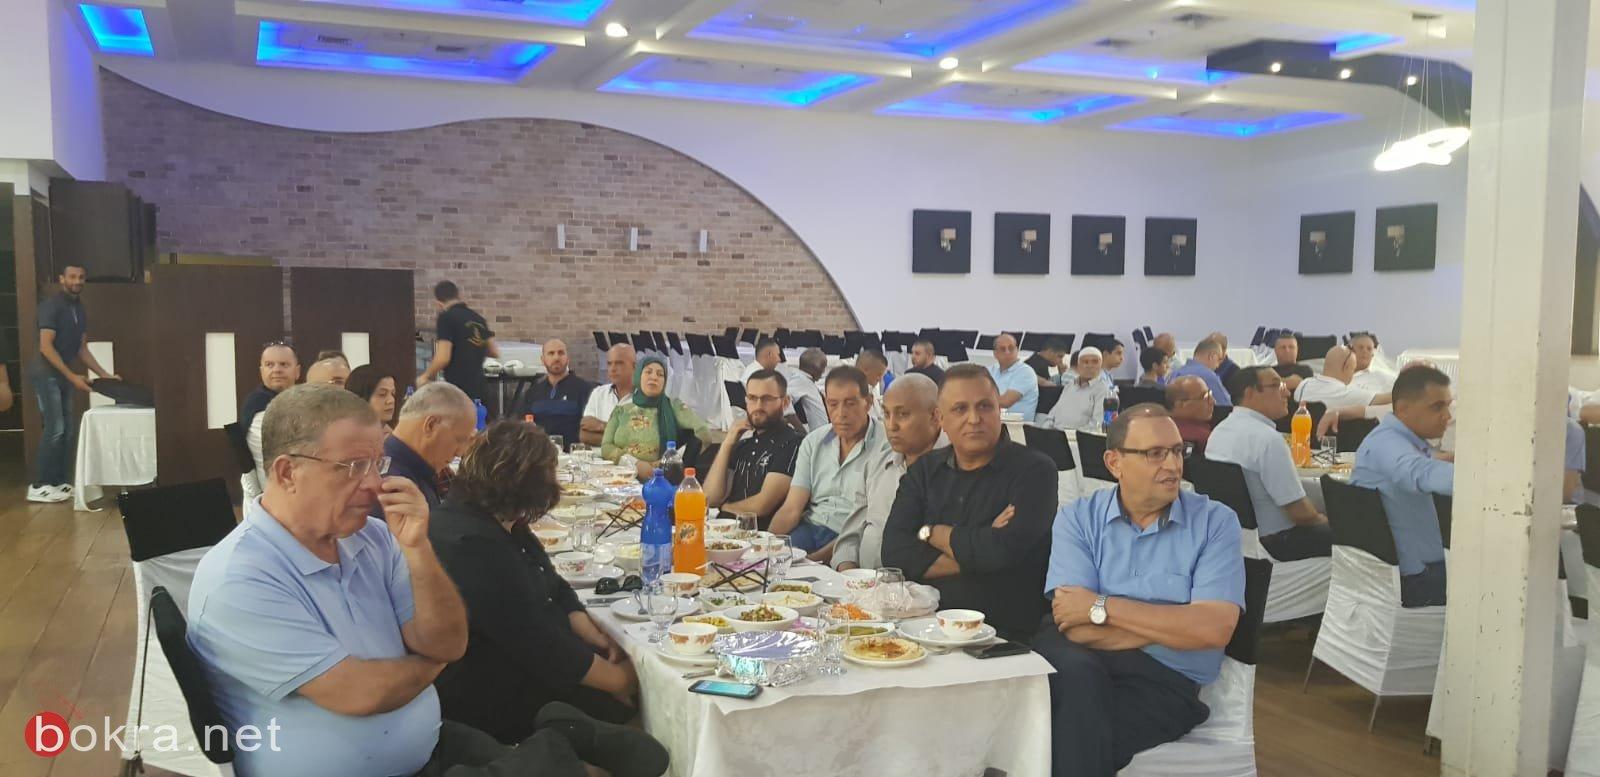 النائب زهير بهلول ينظم افطاراً رمضانياً لحزب العمل